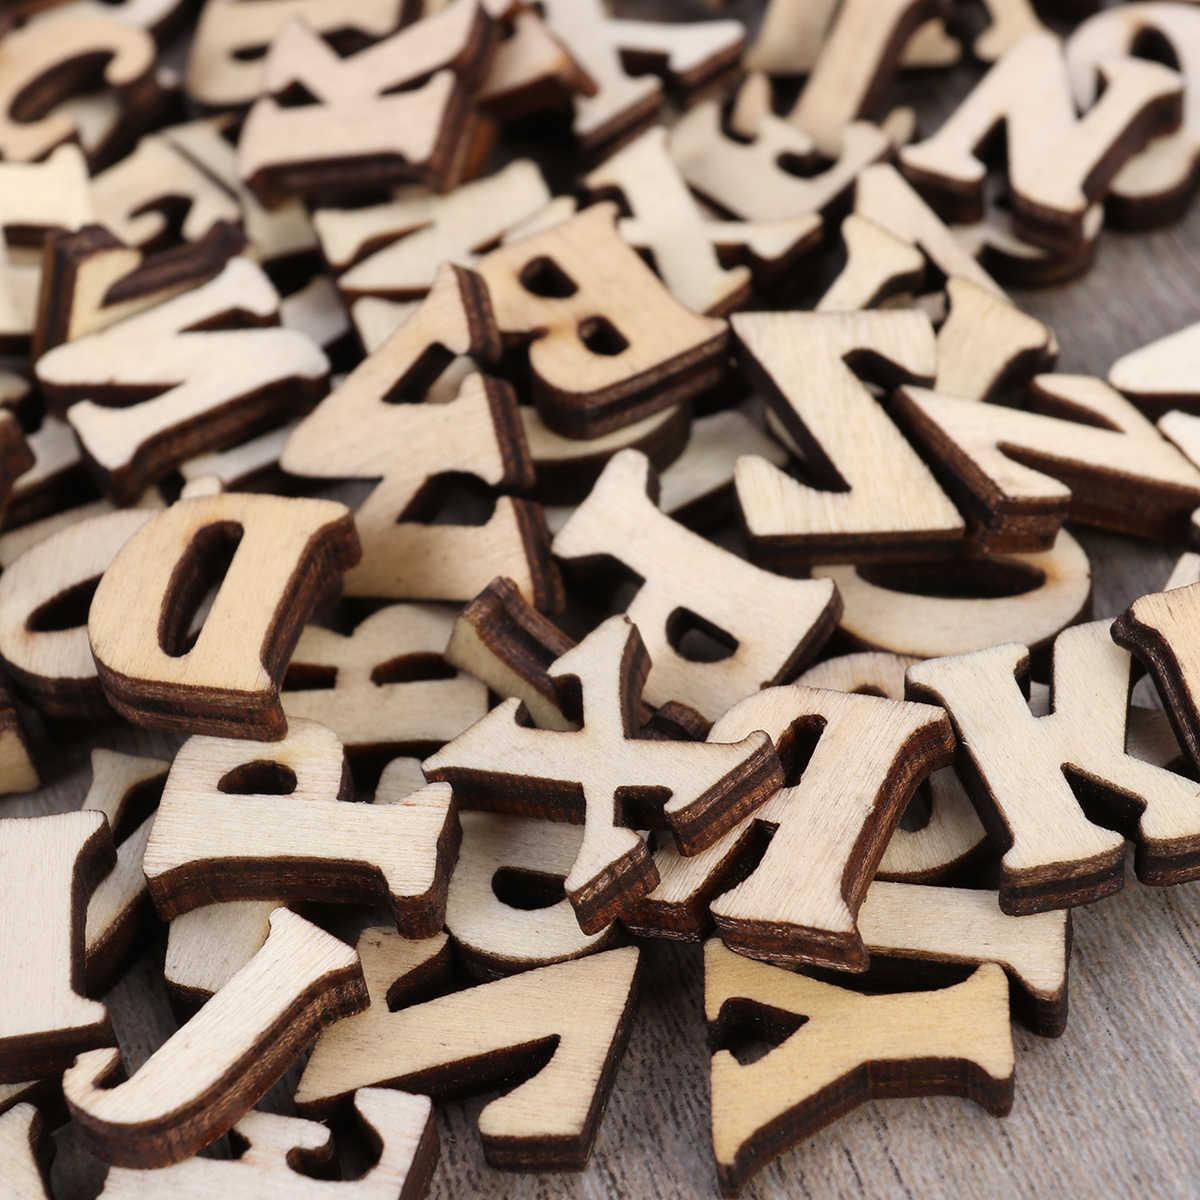 100 шт. деревянный без финишной отделки Capital буквенный алфавит DIY Дерево вырез диски для лоскутное Скрапбукинг художественных промыслов (не 26 букв)